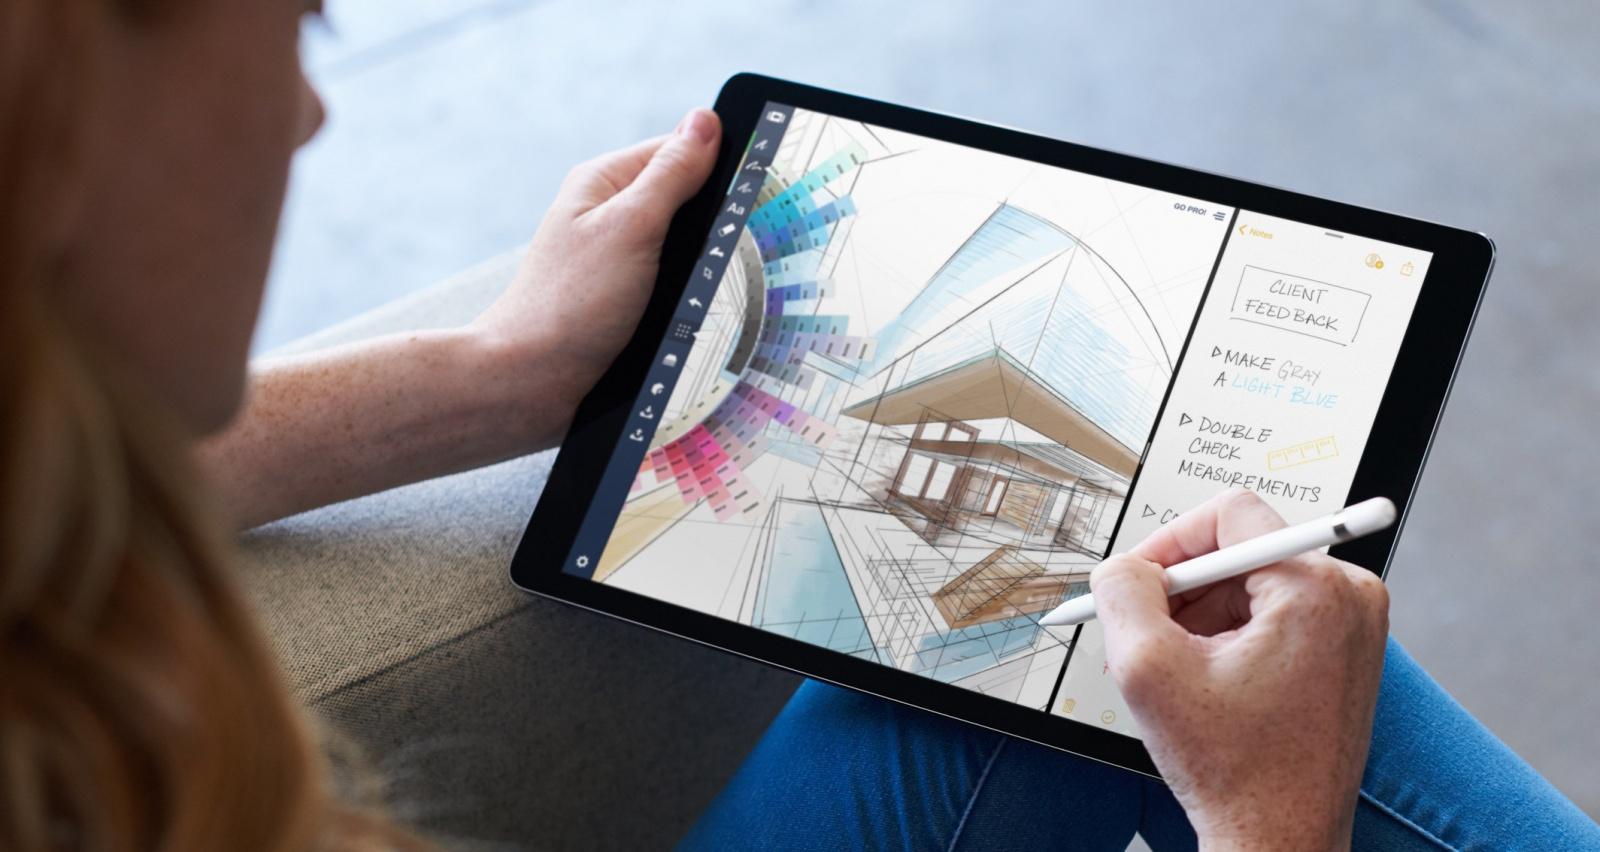 Adobe планирует выпустить полноценную версию Photoshop для iPad